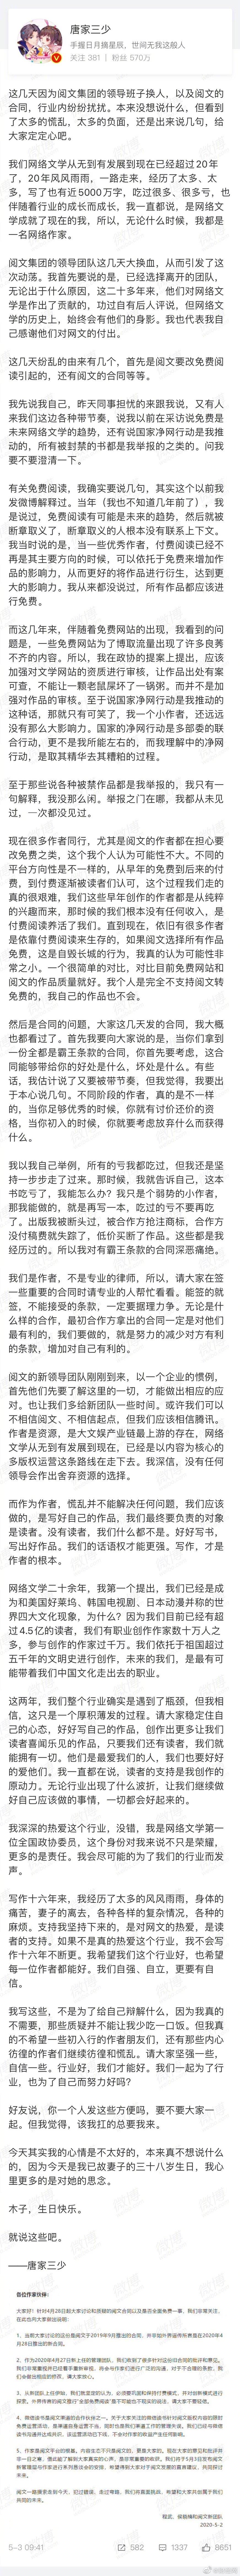 阅文作者合同大改 神机、乌贼、番茄、土豆、唐家三少等纷纷表态 liuliushe.net六六社 第1张